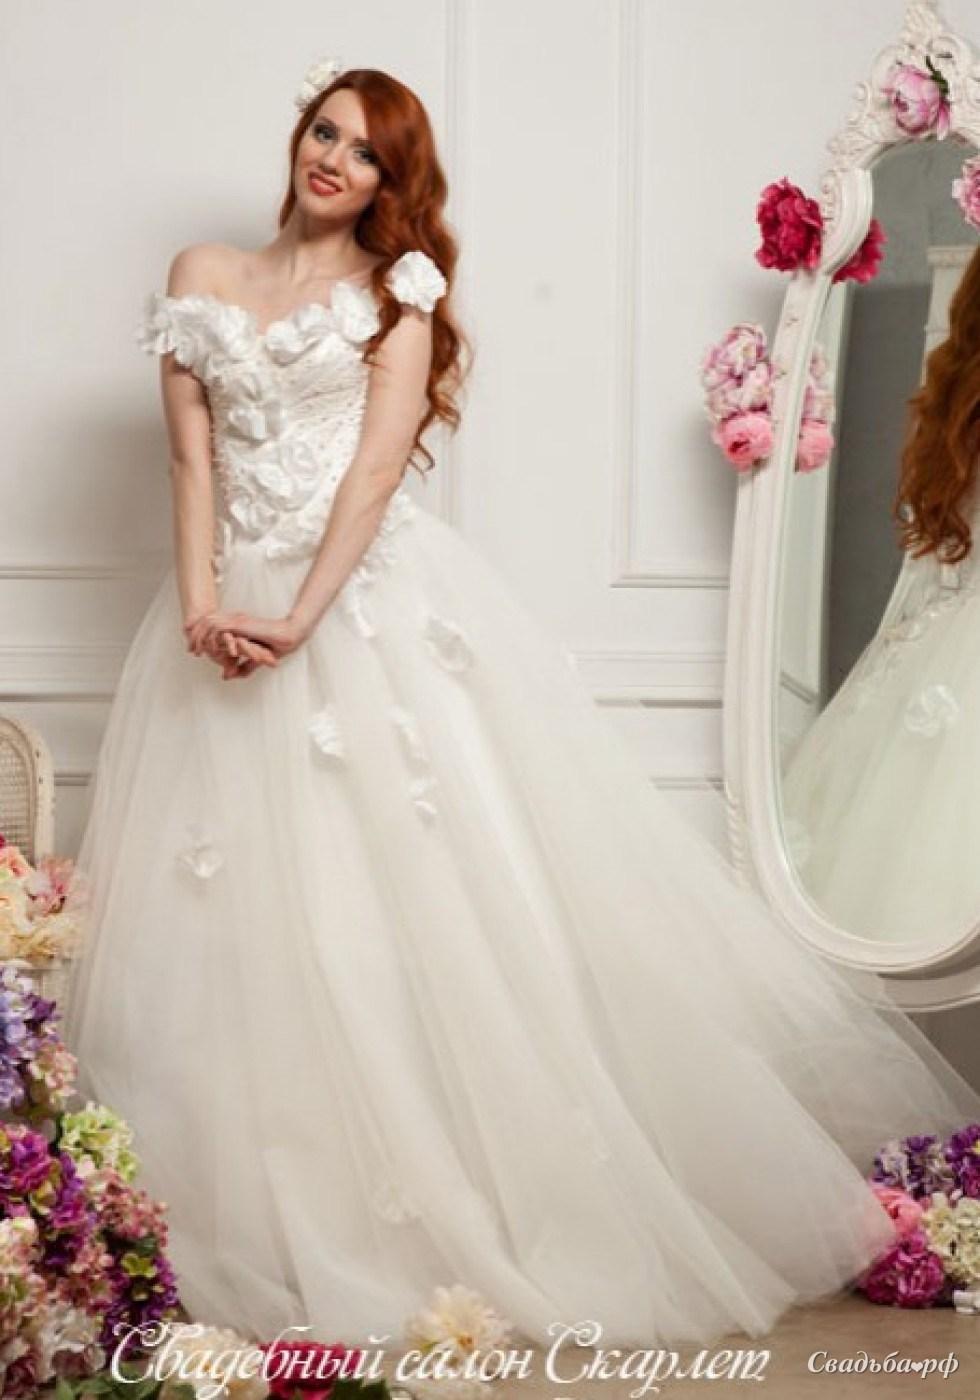 Купить свадебное платье Лори-С706 (Украина, Оксана Муха, коллекция